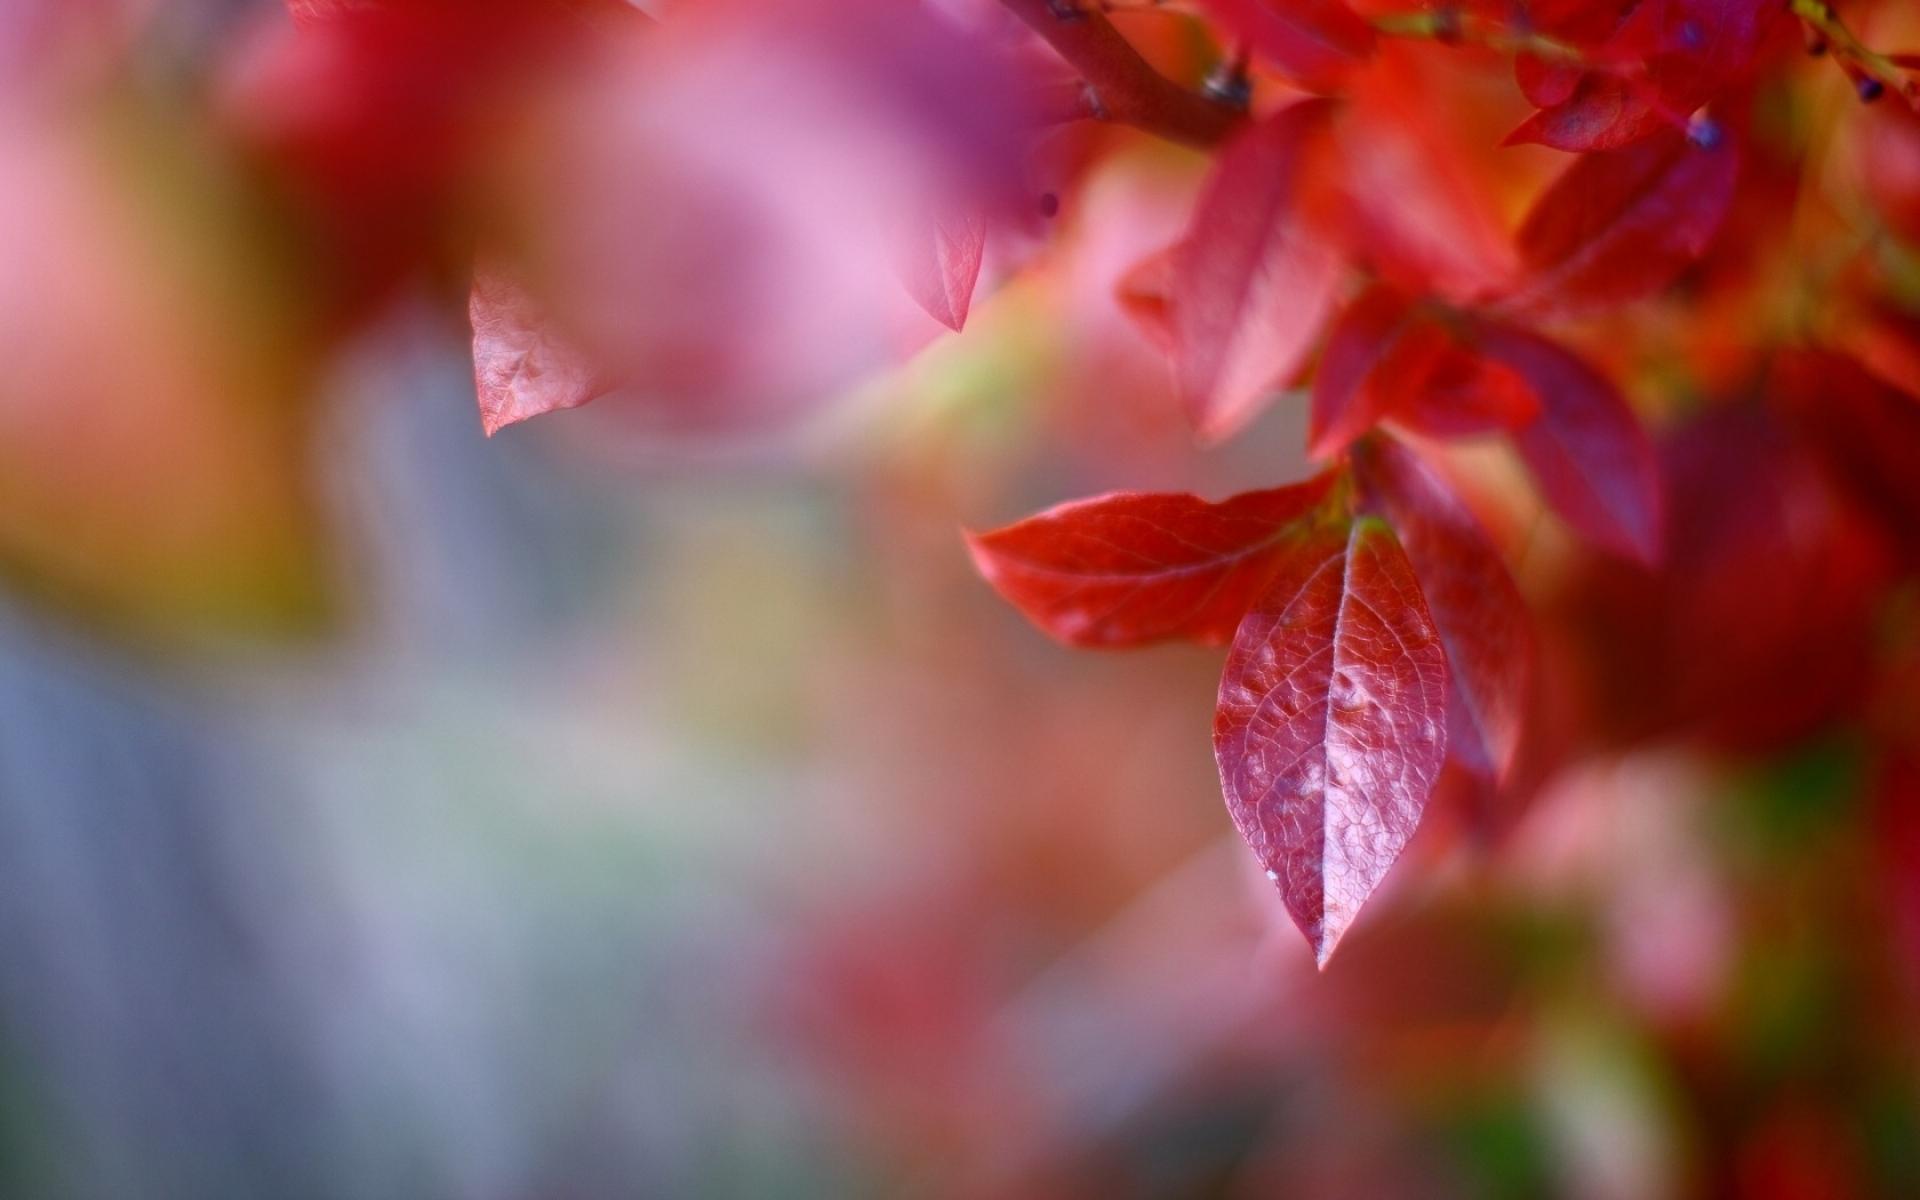 Картинки макро, осень, листья, красный, деревья, природа,ветви фото и обои на рабочий стол